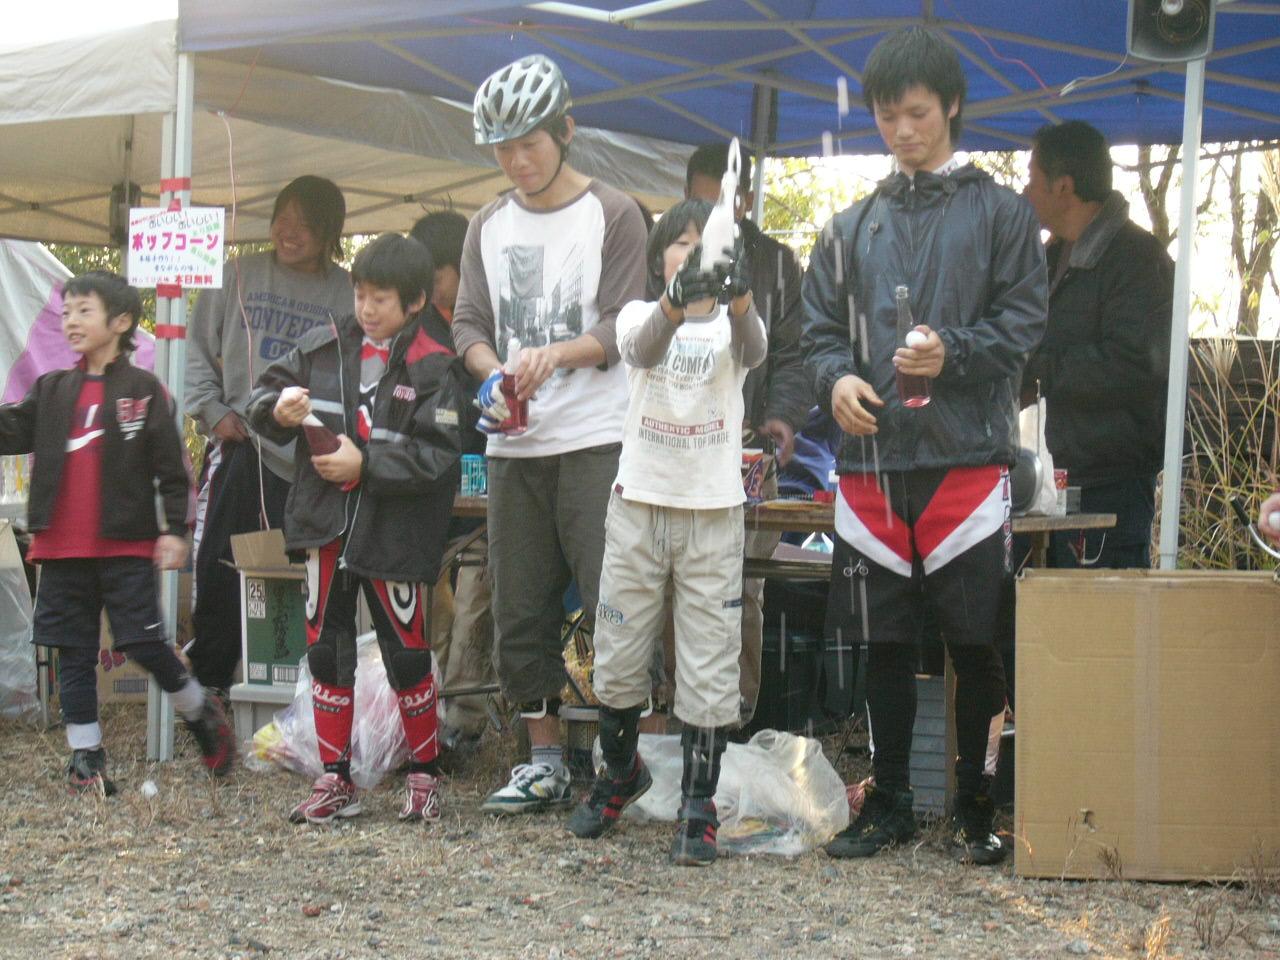 2008 バイクトライアルkjtカップ第三戦 結果報告_b0133403_1605862.jpg